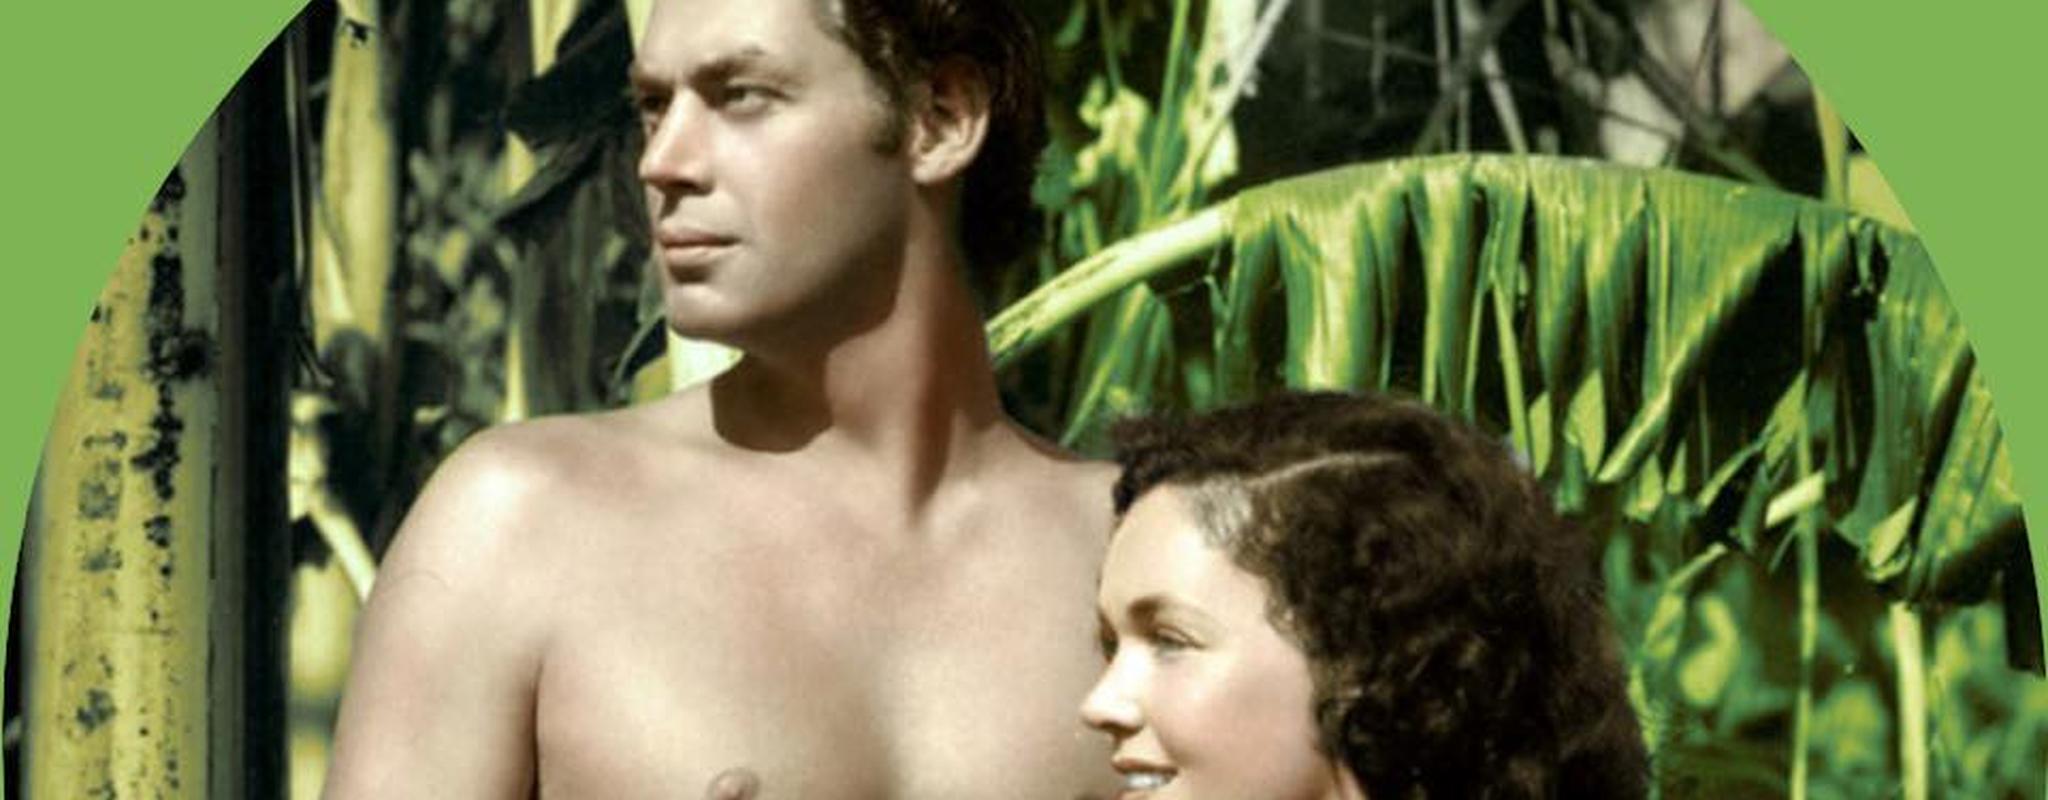 L'humour des clips du Collectif Tarzan déroute dans une campagne tendue